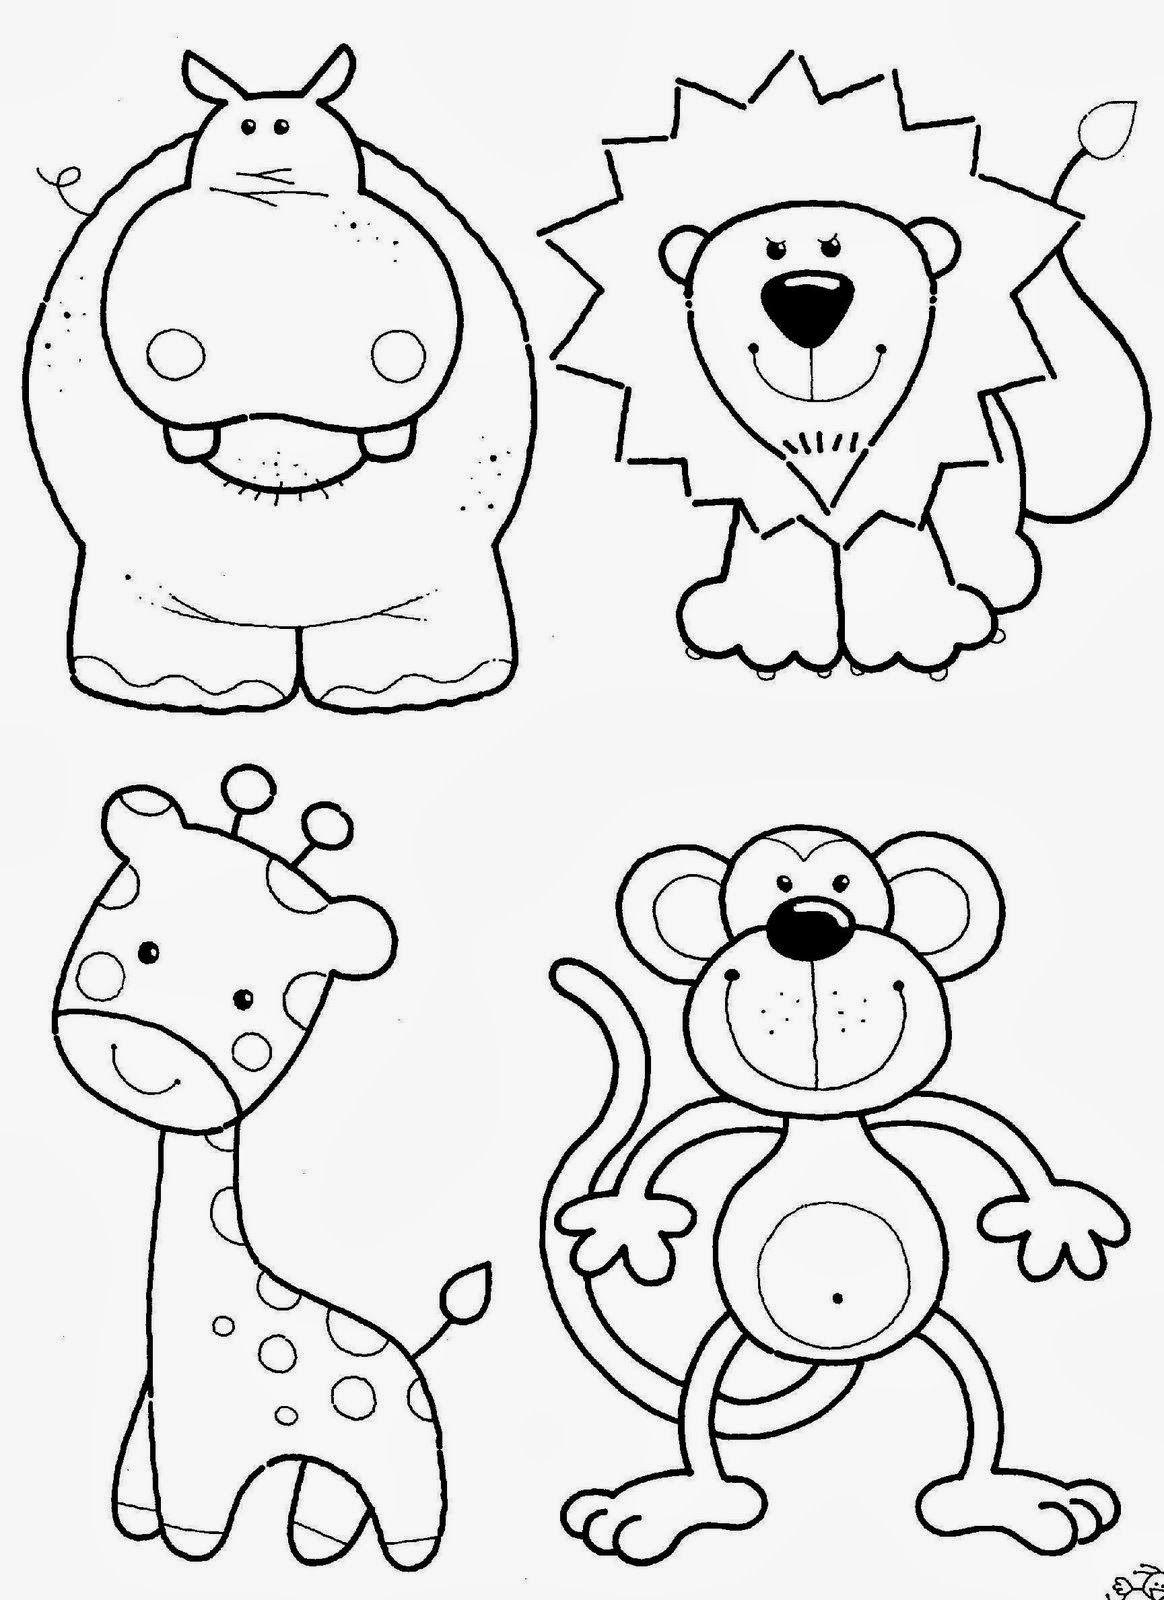 Mundo bichejos: Dibujos de animales salvajes para colorear ...